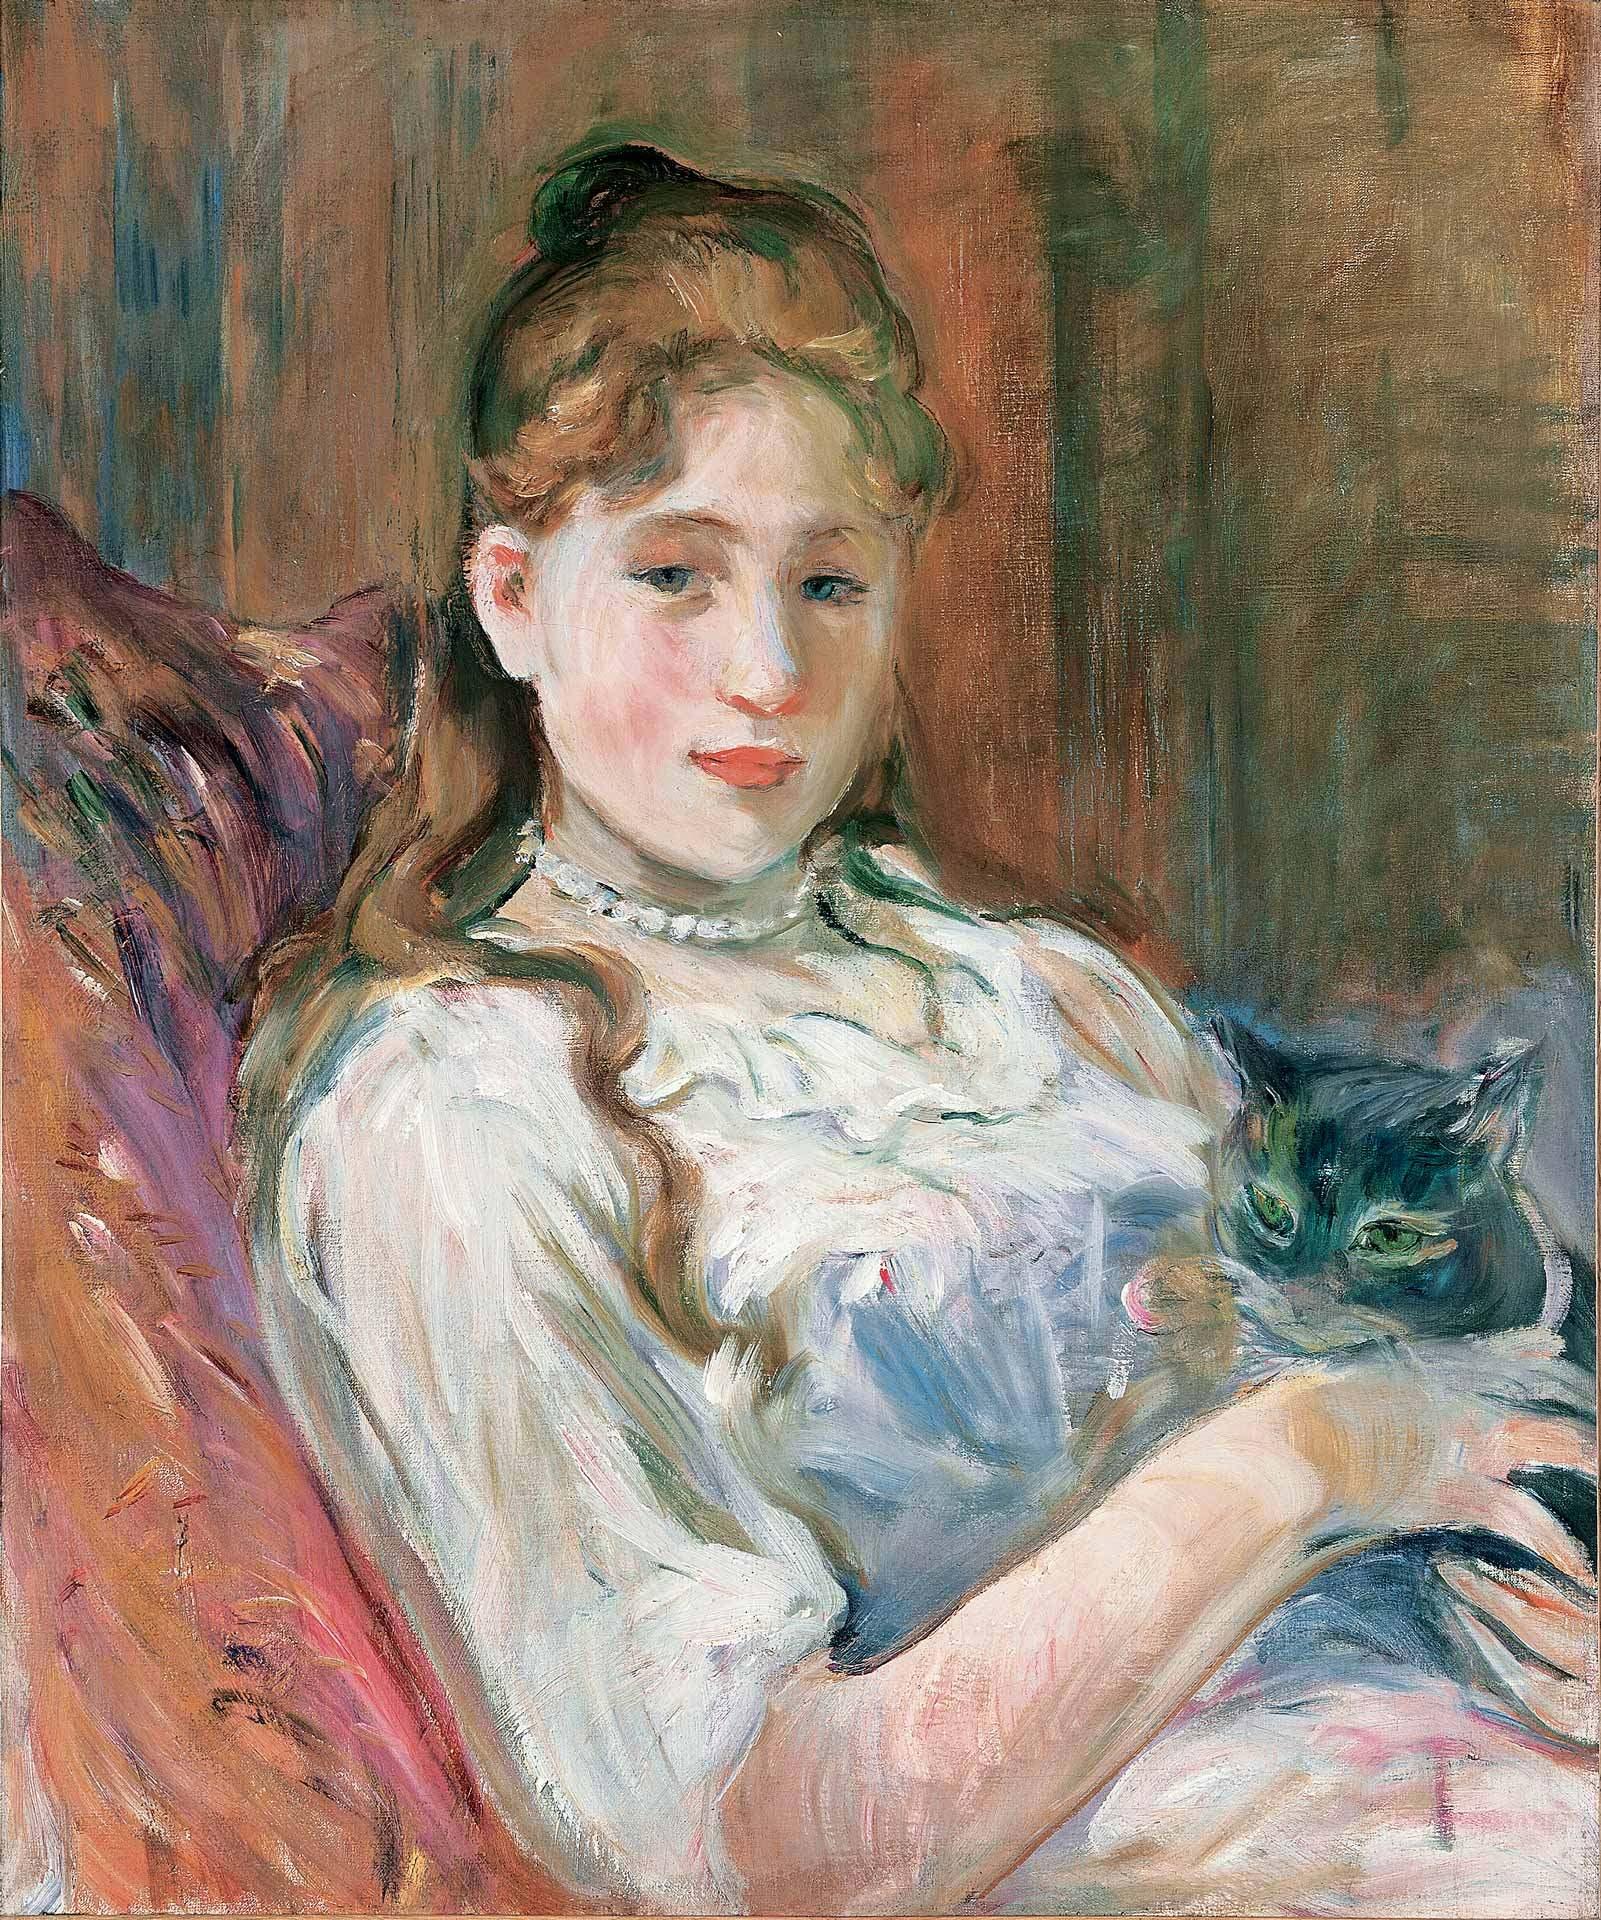 Berthe Morisot (1841-1895), Jeune fille au chat, 1892, huile sur toile. Collection particulière